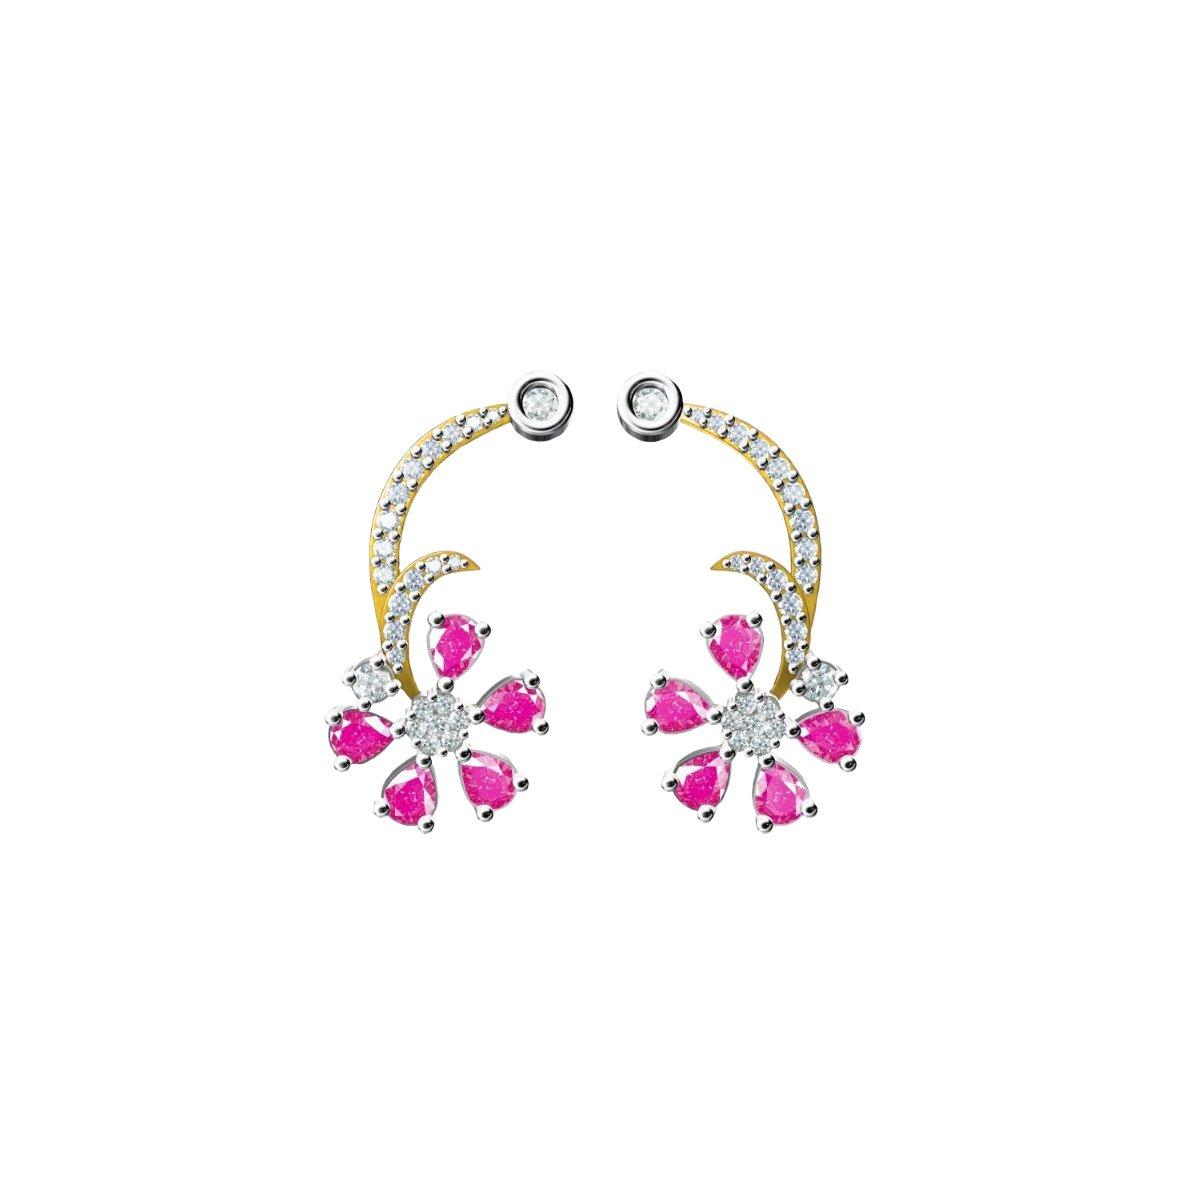 Verling Diamond Earrings